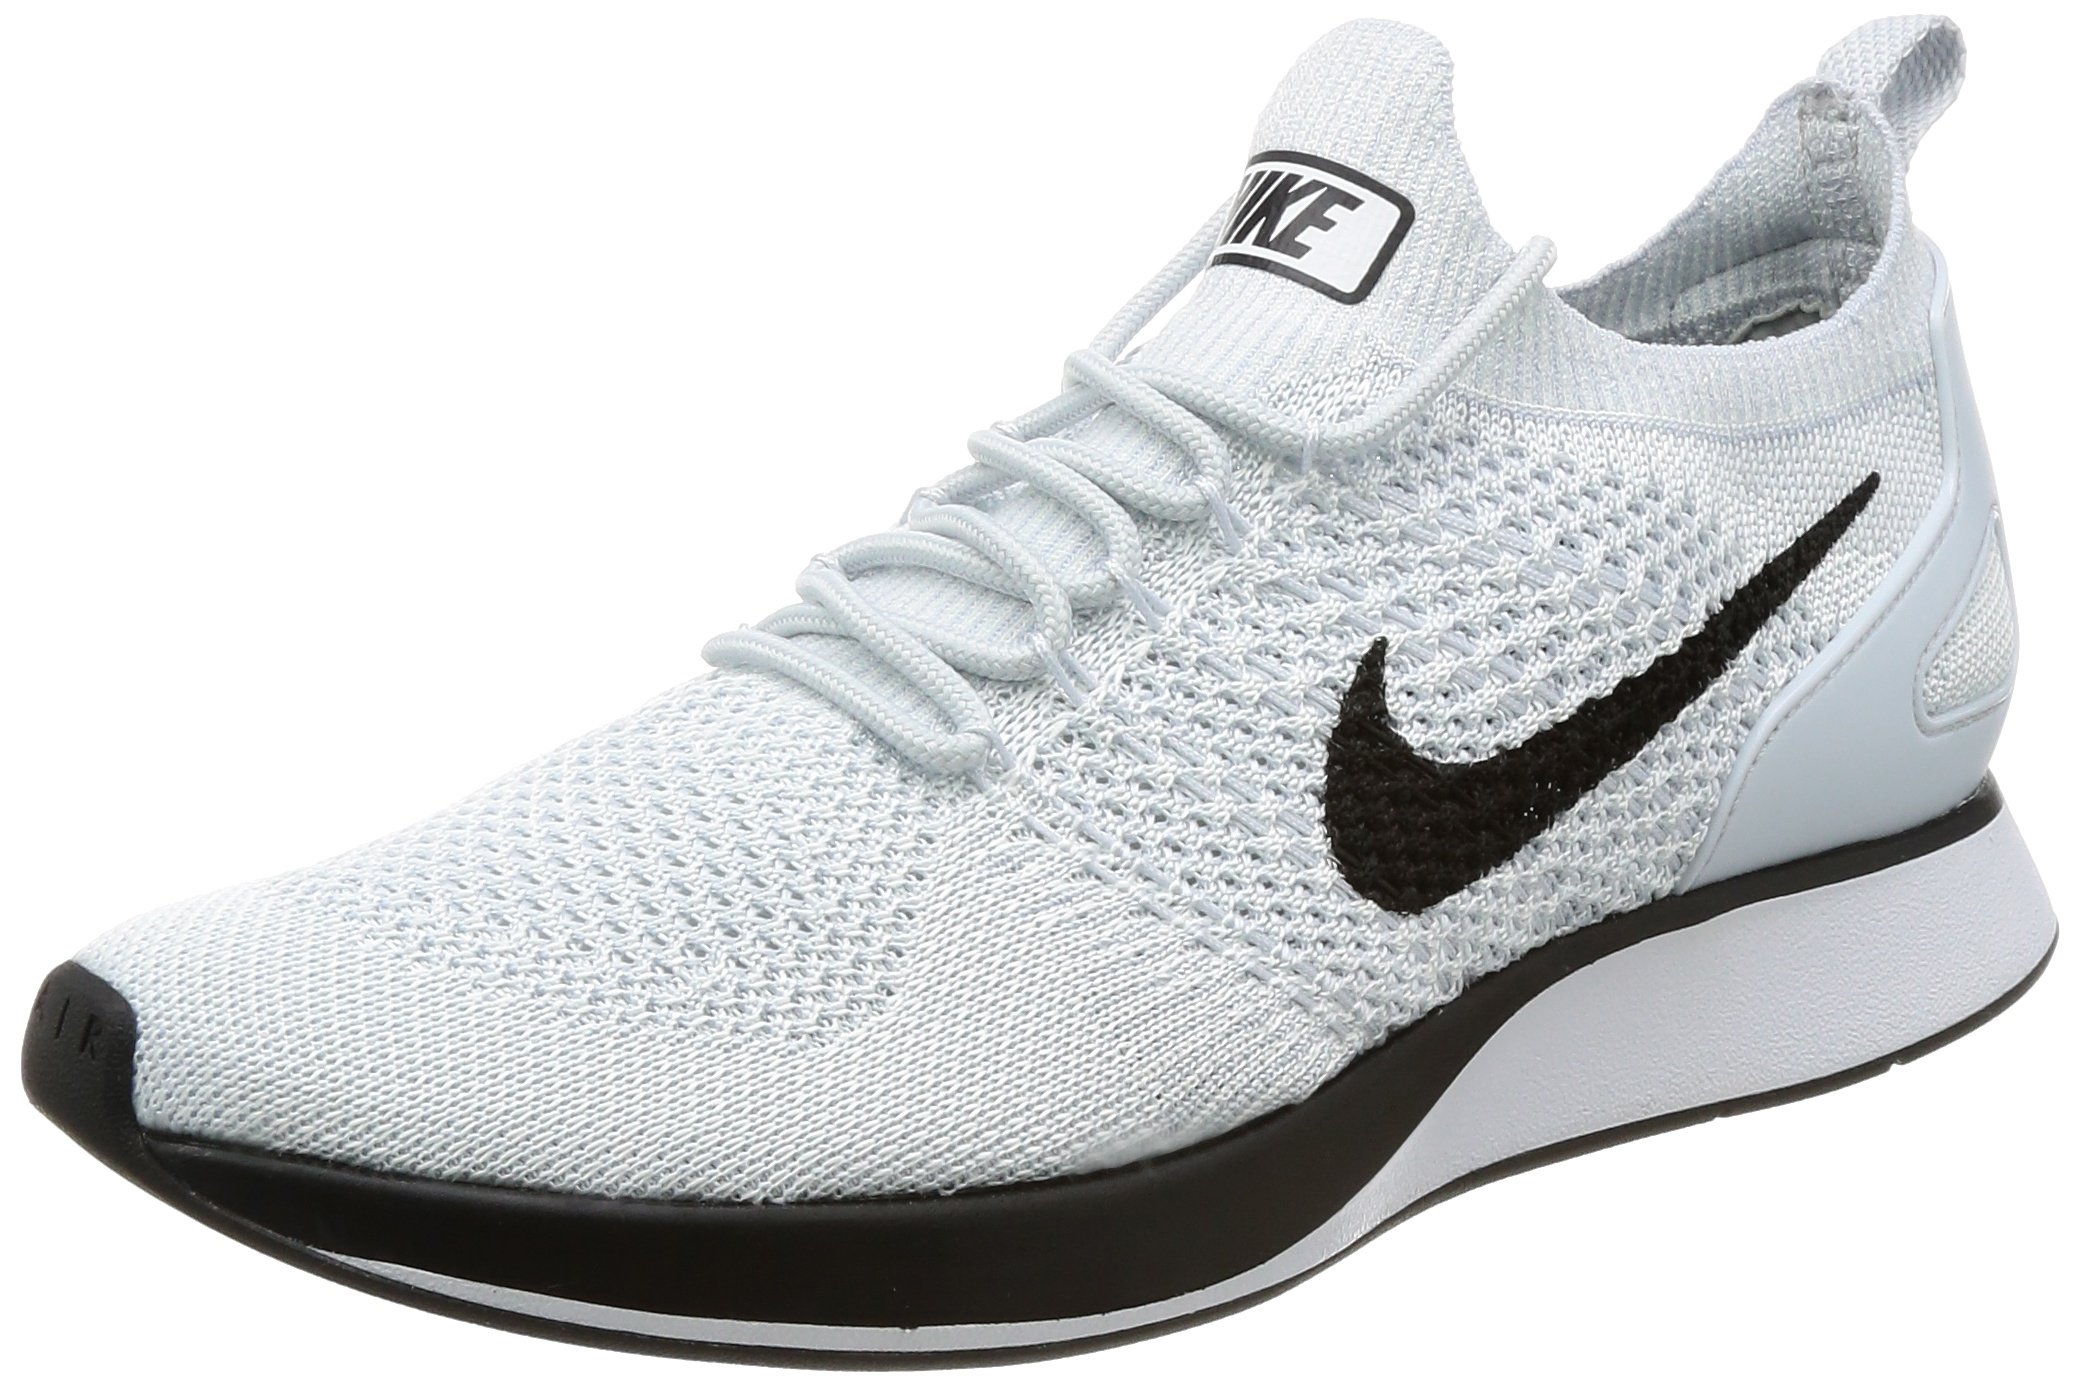 Nike Air Zoom Mariah Flyknit Racer